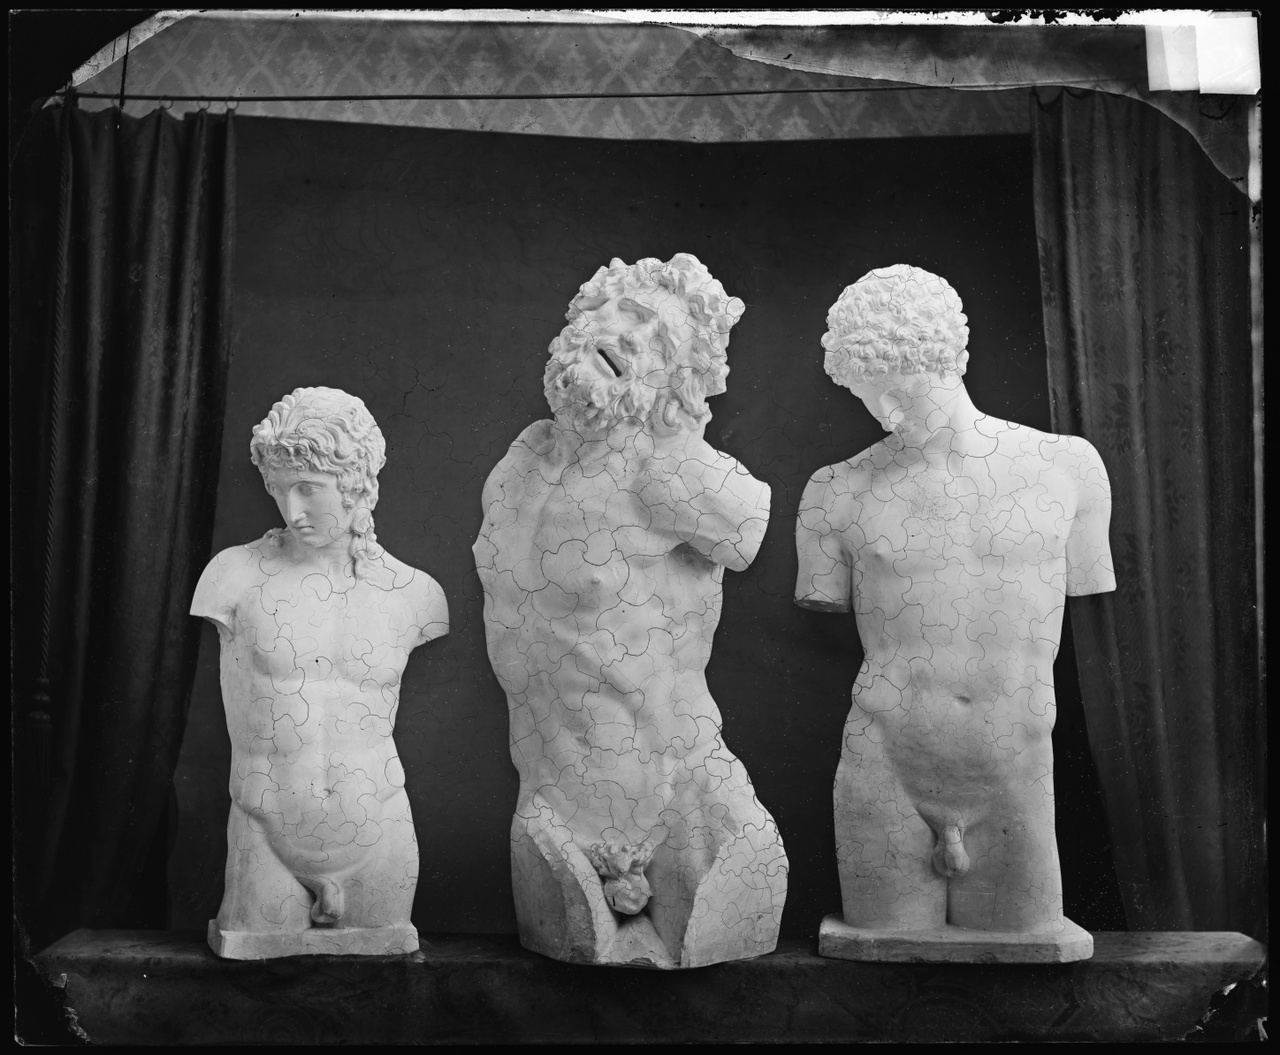 Glasnegatief van een foto van producten uit de Cuypers' Kunstwerkplaatsen: drie torso's